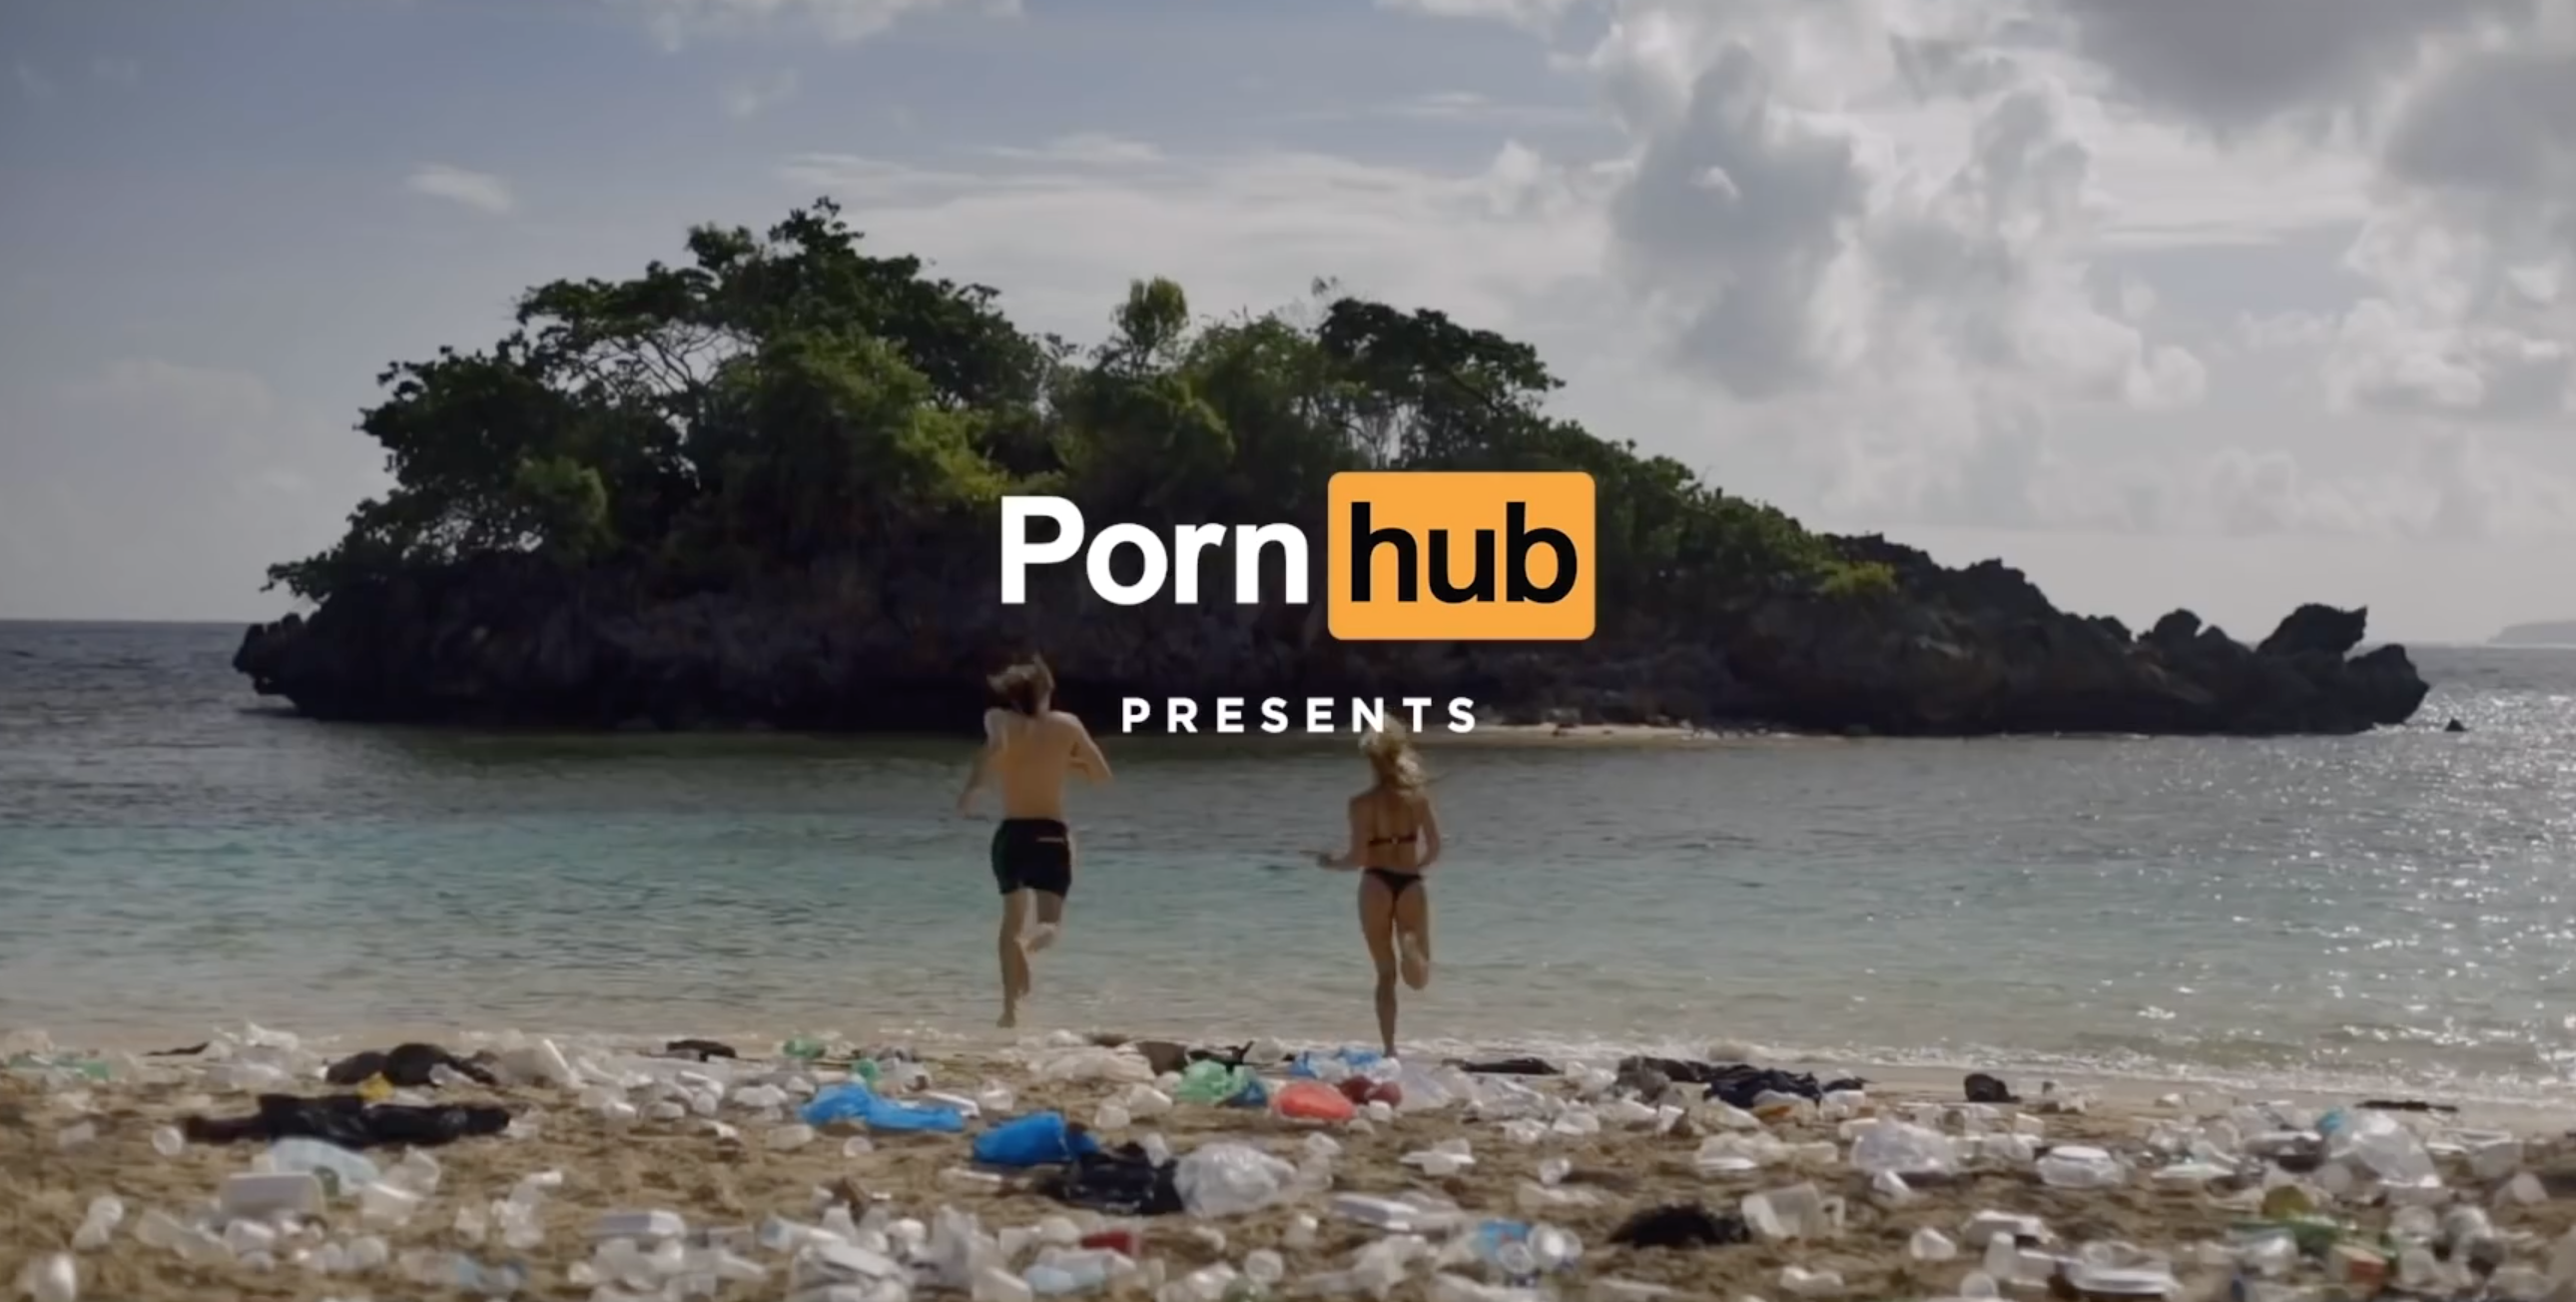 Sorpresa, ora Pornhub e Greta Thunberg combattono la stessa battaglia